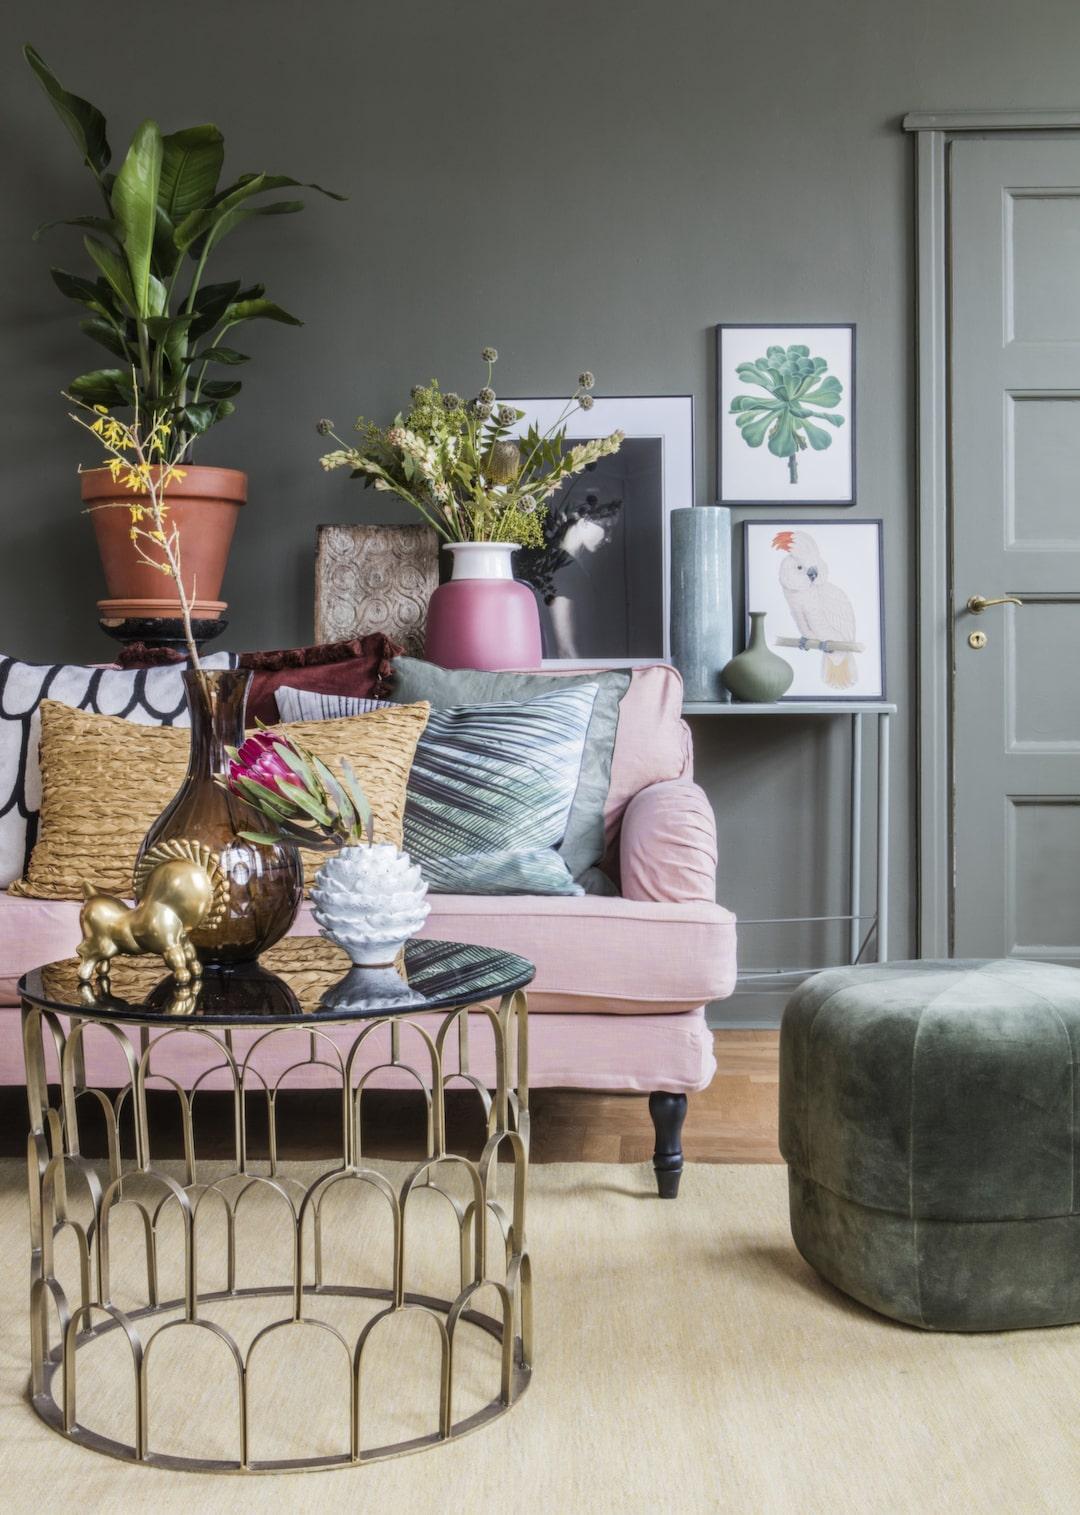 <span>Våga måla en mörkare väggfärg i vardagsrummet – den gröna kulören är fin till mjuka pasteller. Pigga upp med metaller och glasdetaljer.<br></span>